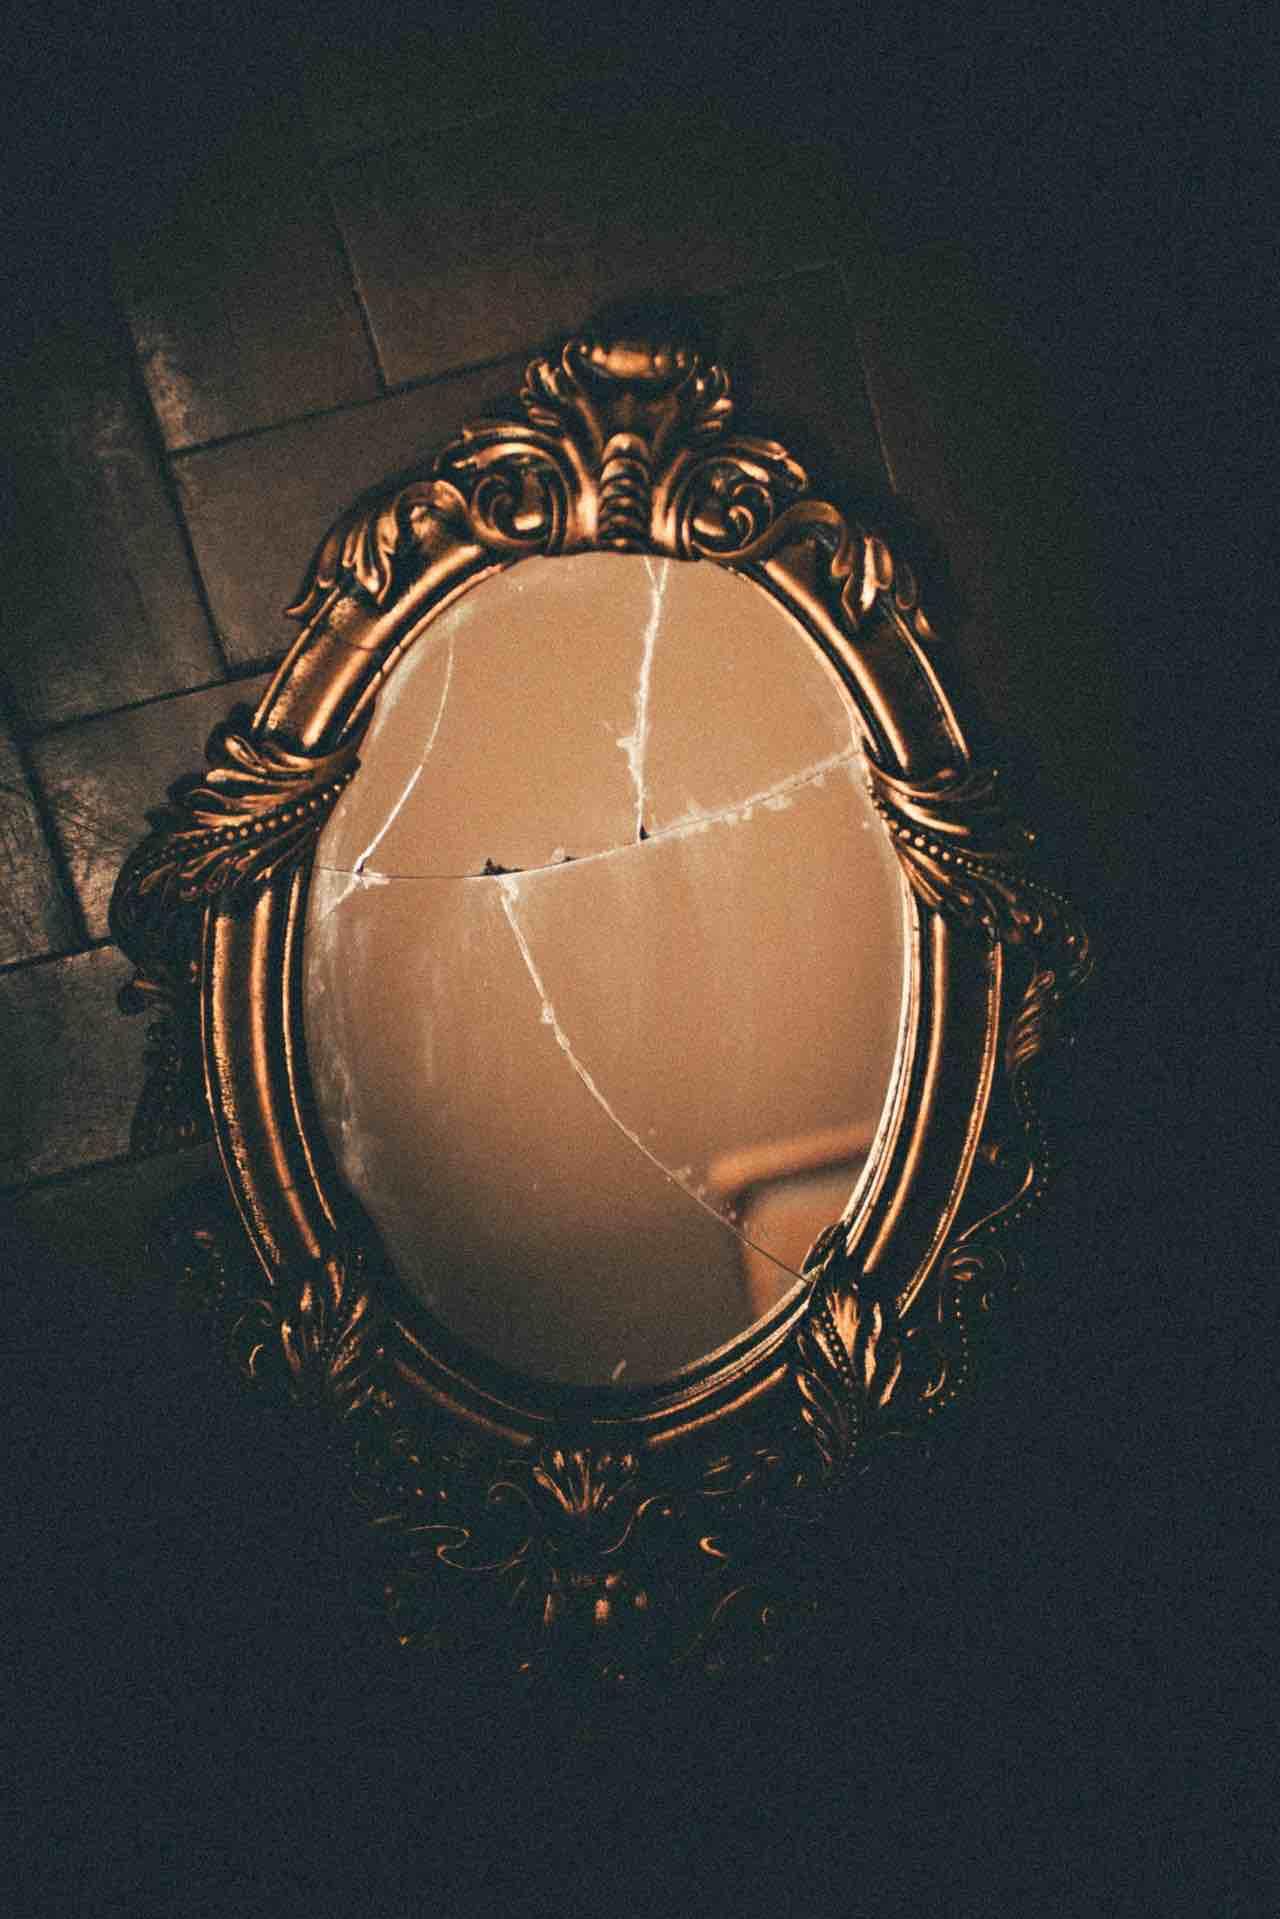 miroir brisé reflet confiance antique